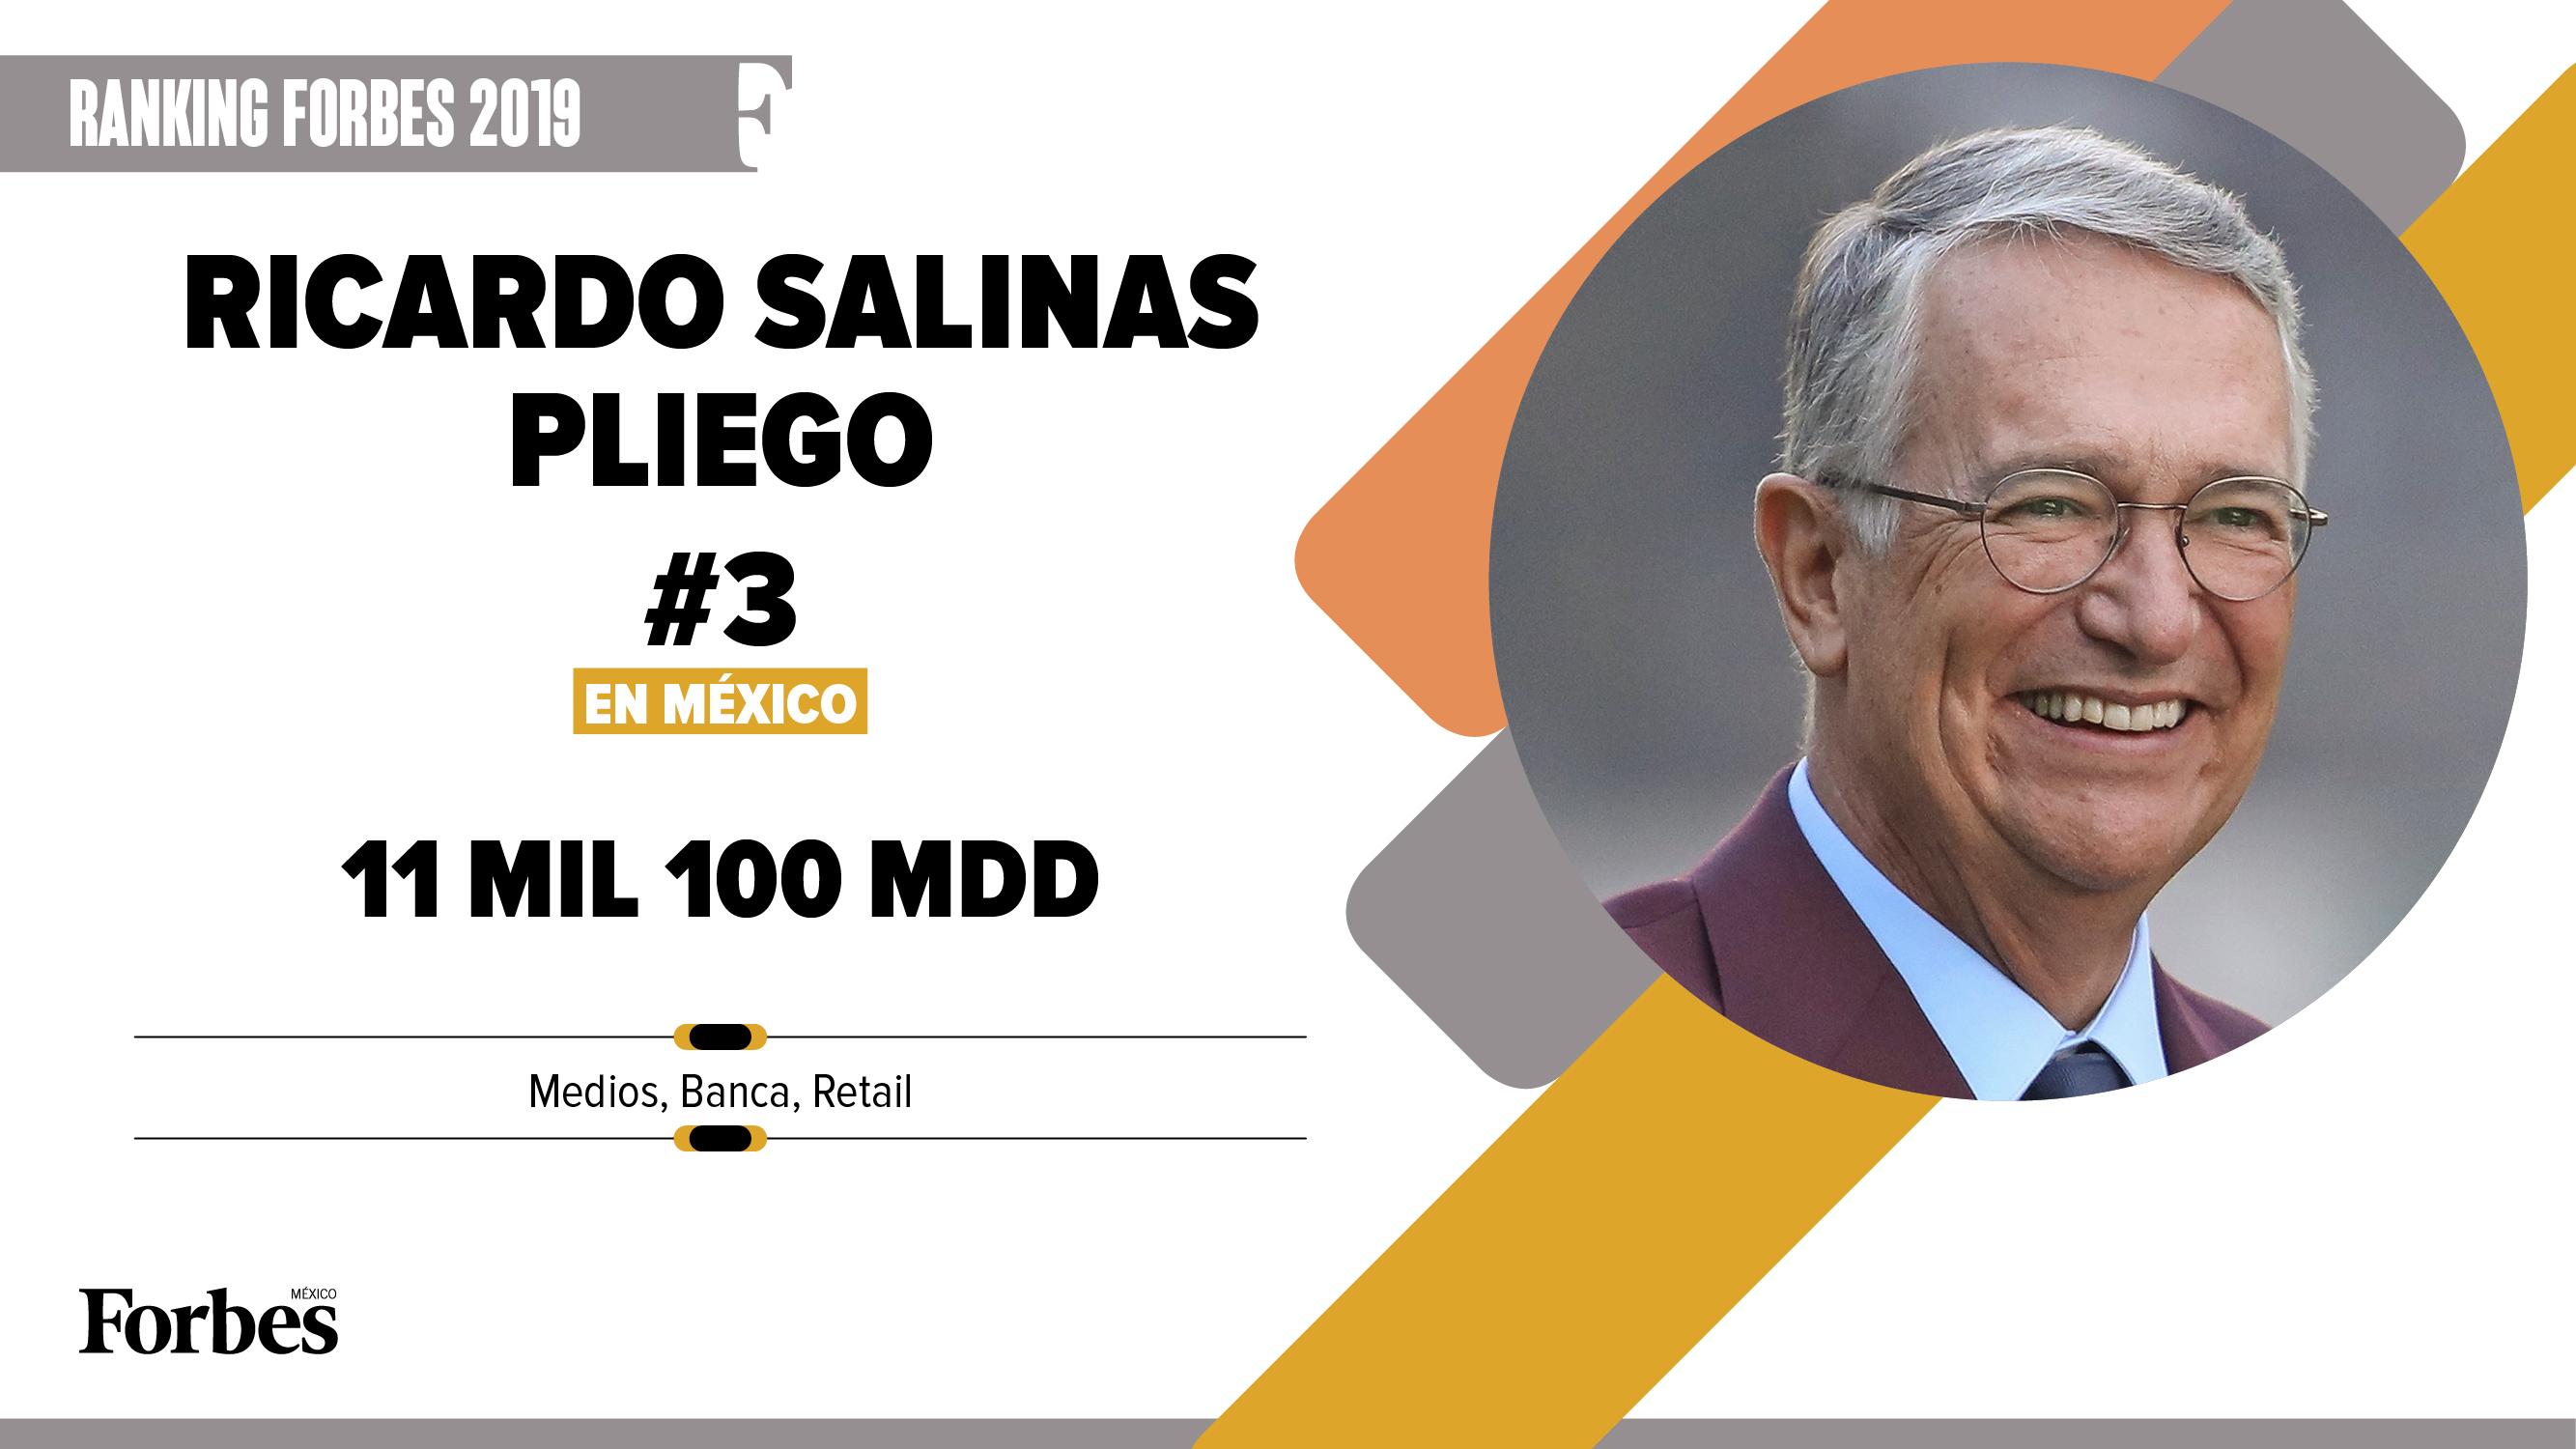 Billionaires 2019 | Ricardo Salinas, de nuevo el gran ganador